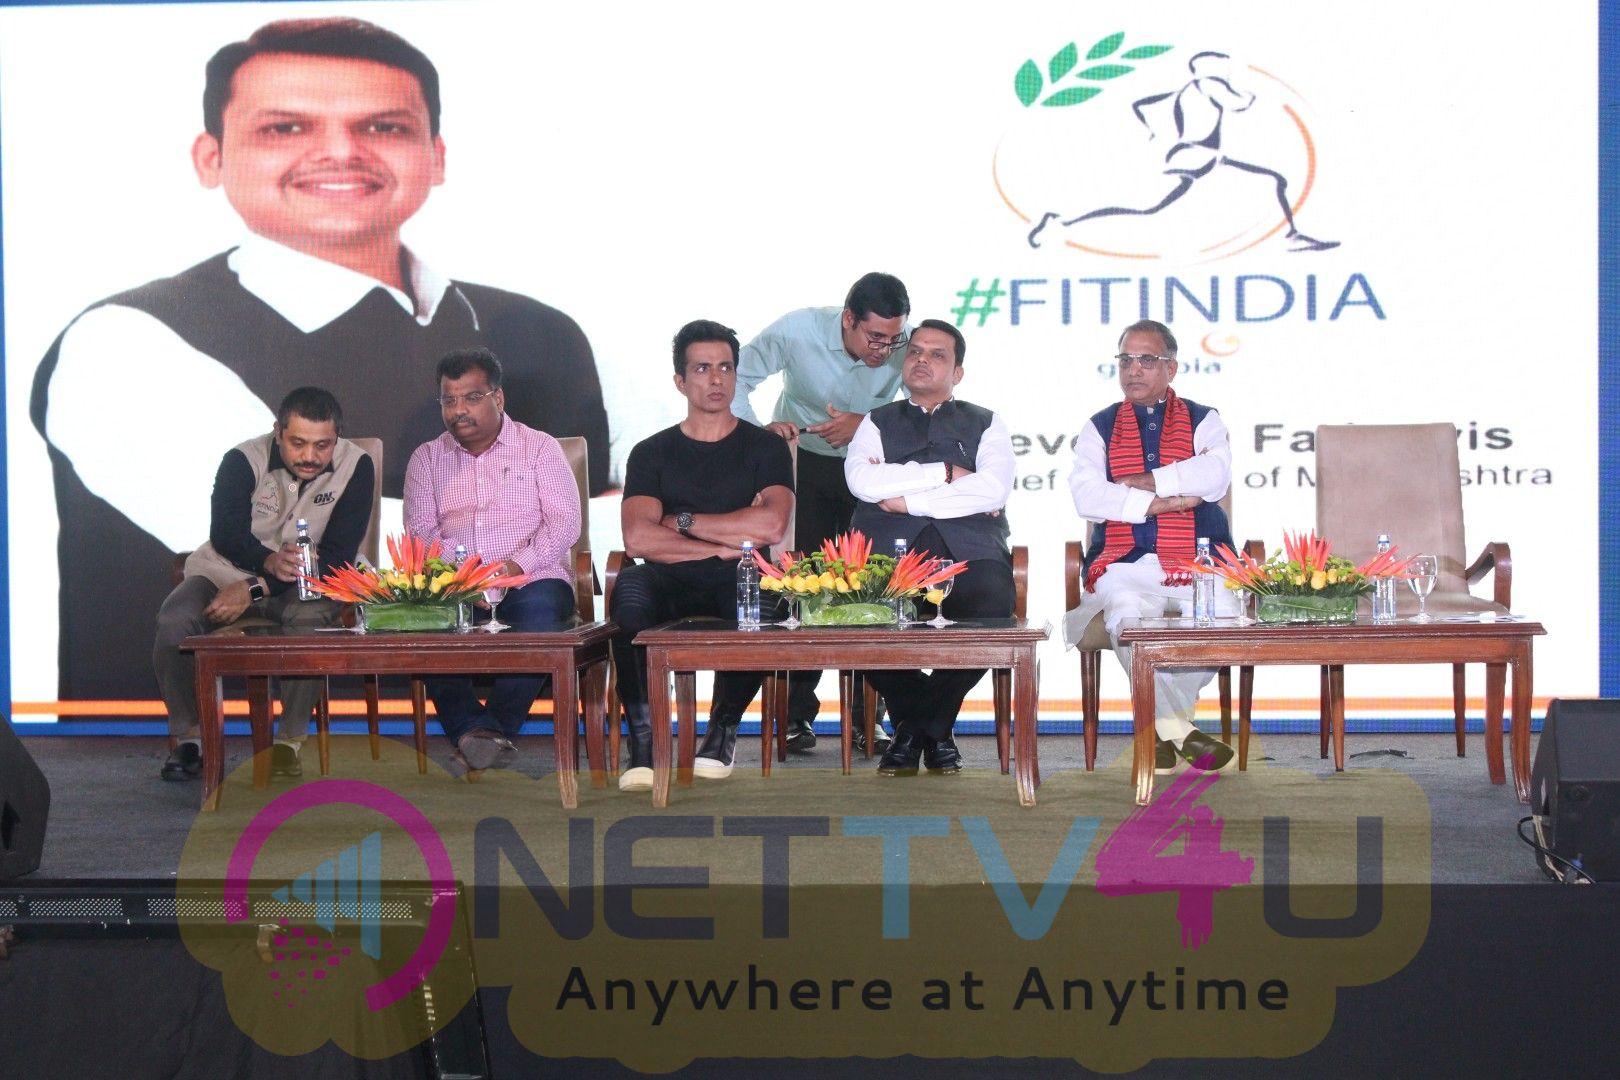 Sonu Sood & Devendra Fadnavis Support FIT INDIA Conclave Pics